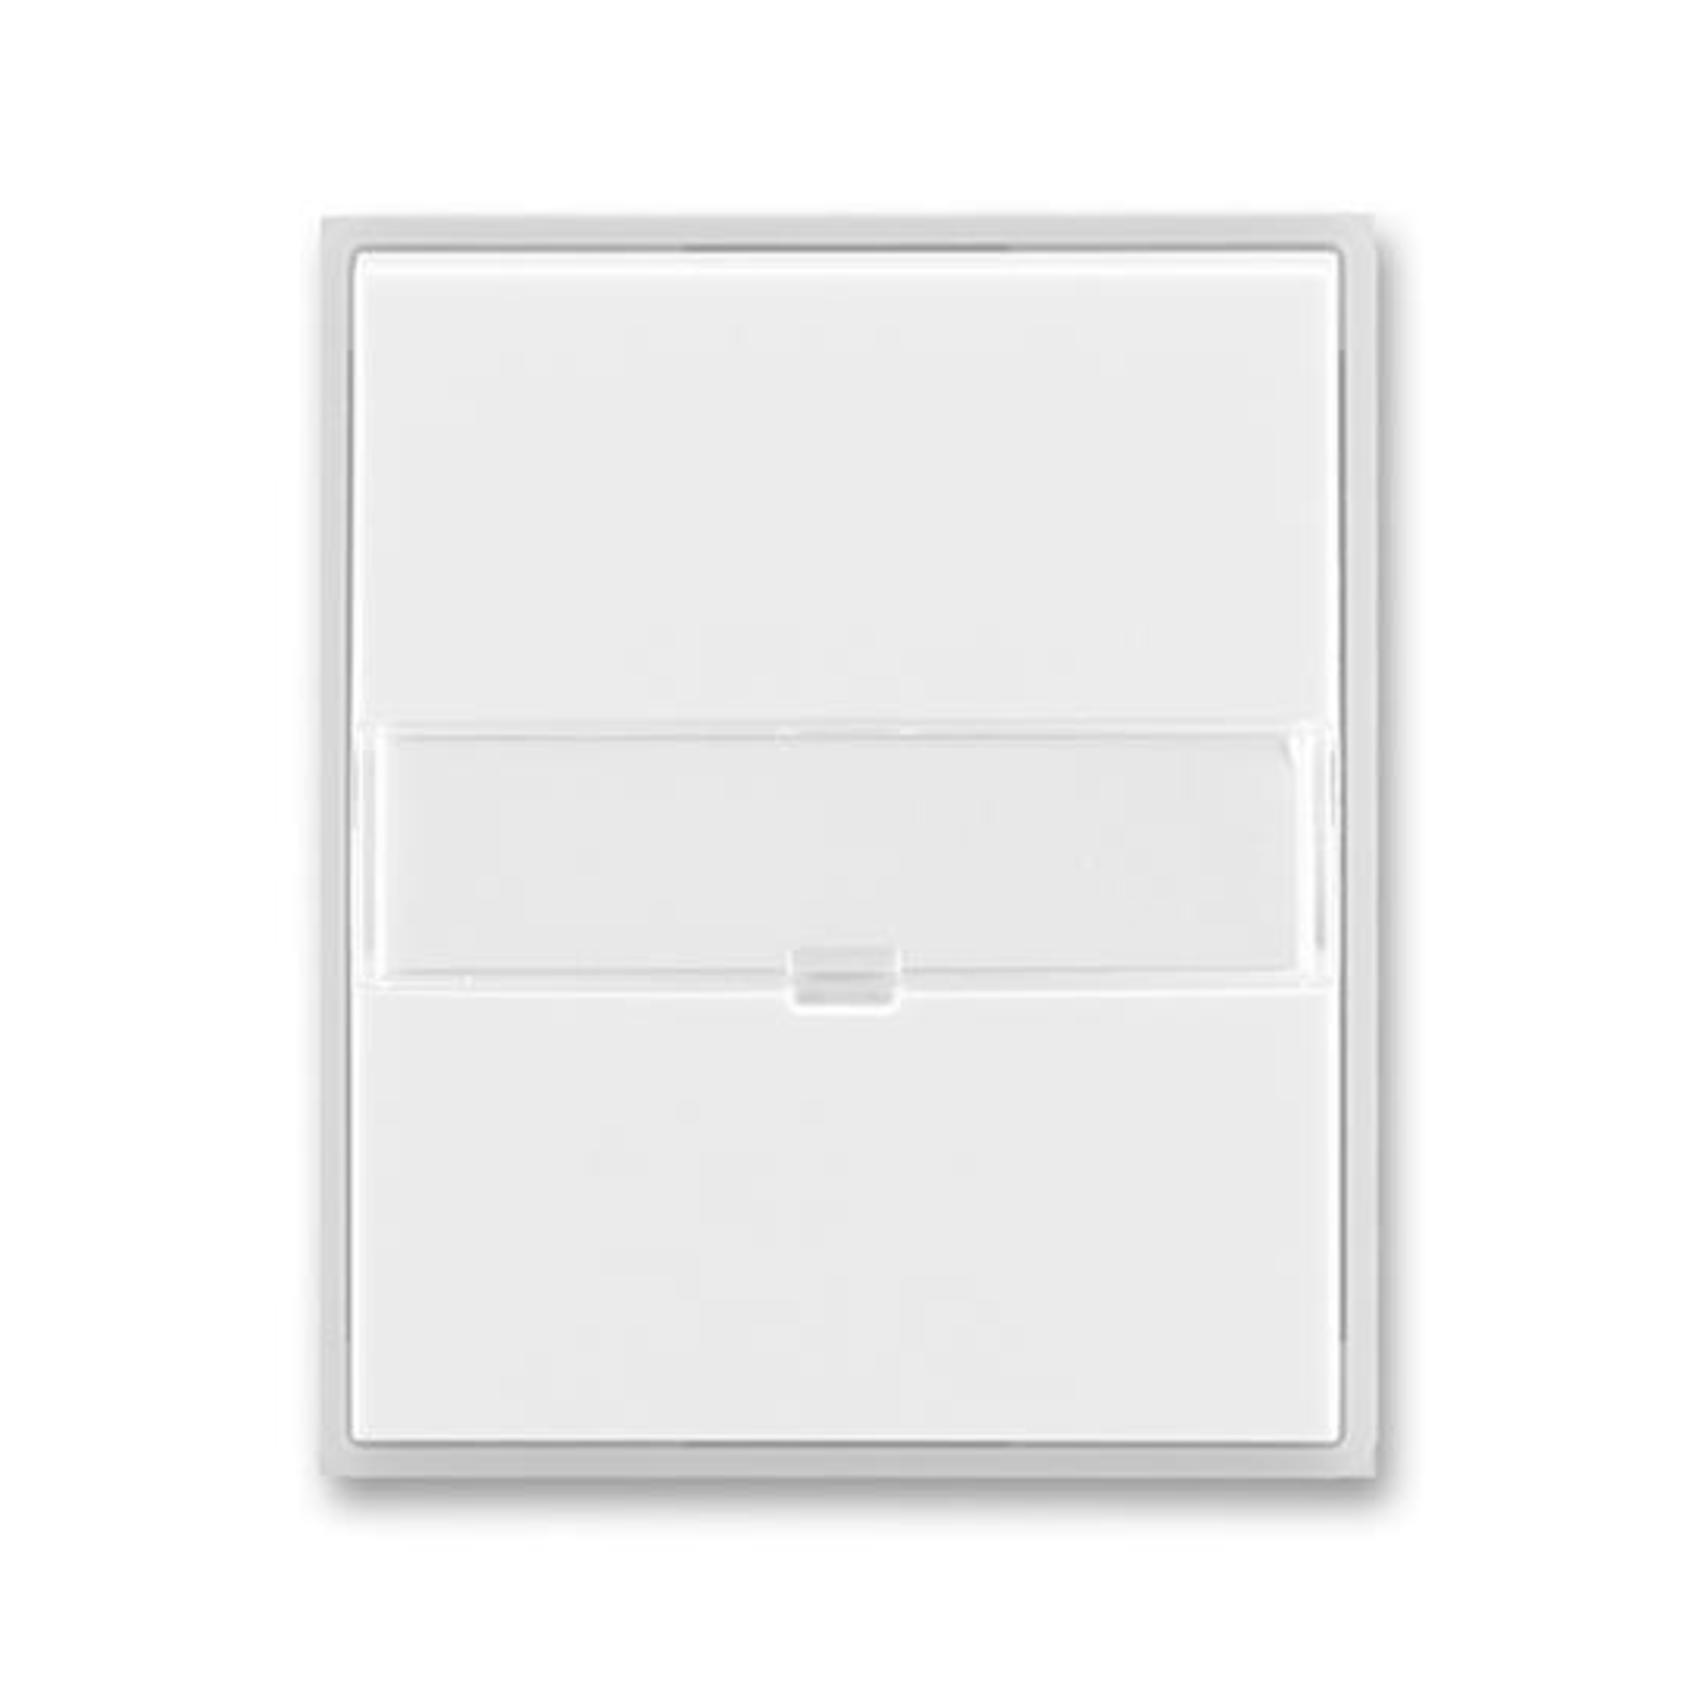 ABB 3558E-A00610 01 Element Kryt spínače jednoduchý, s popisovým polem, s čirým průzorem